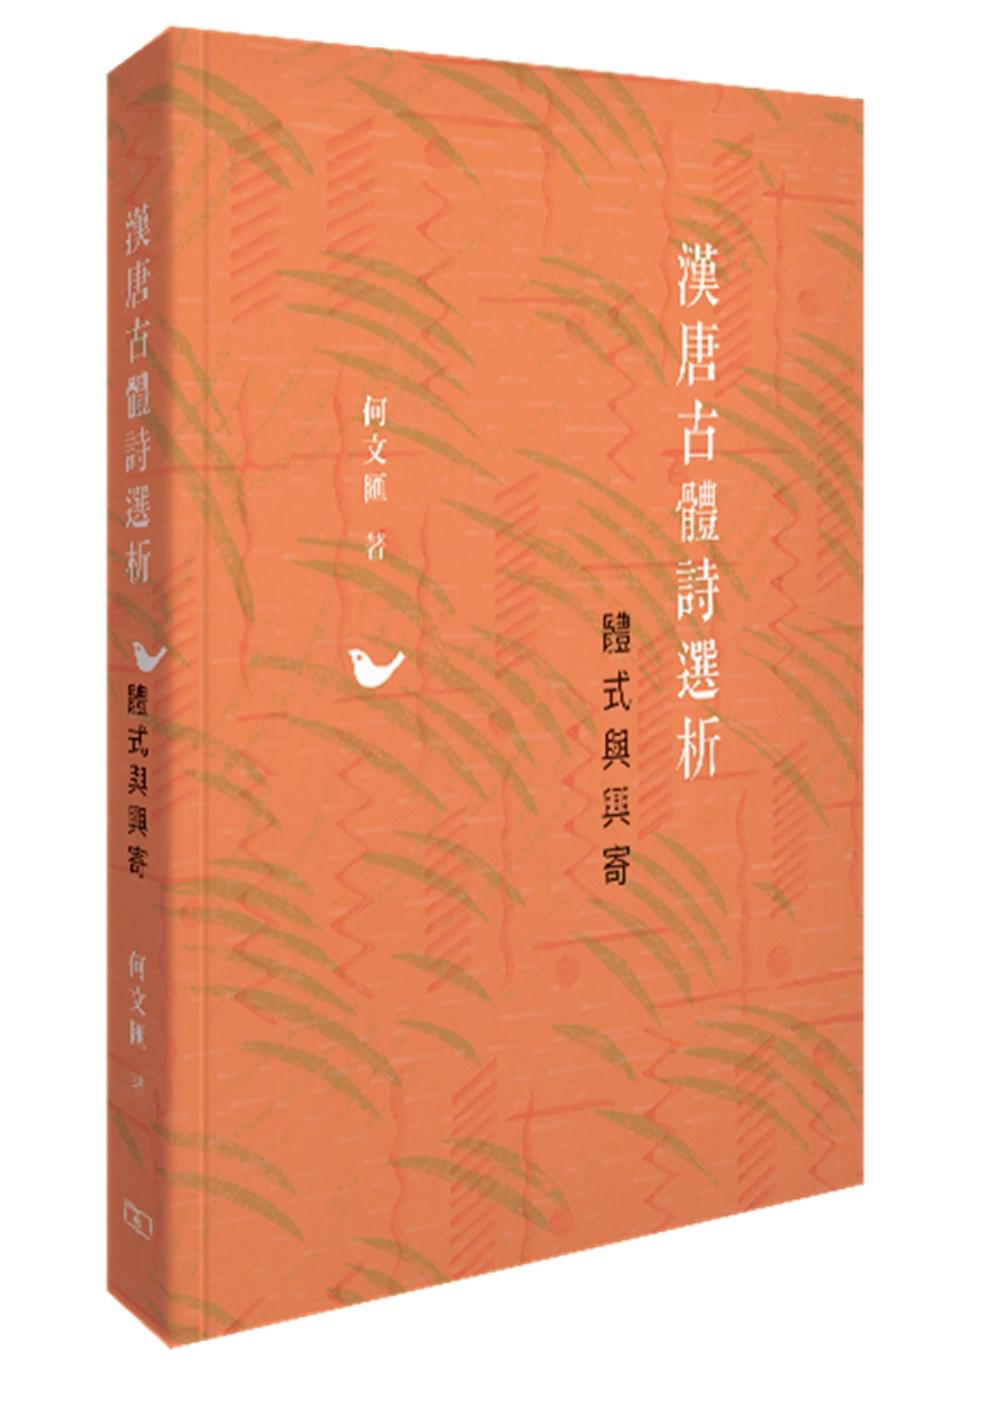 漢唐古體詩選析:體式與興寄